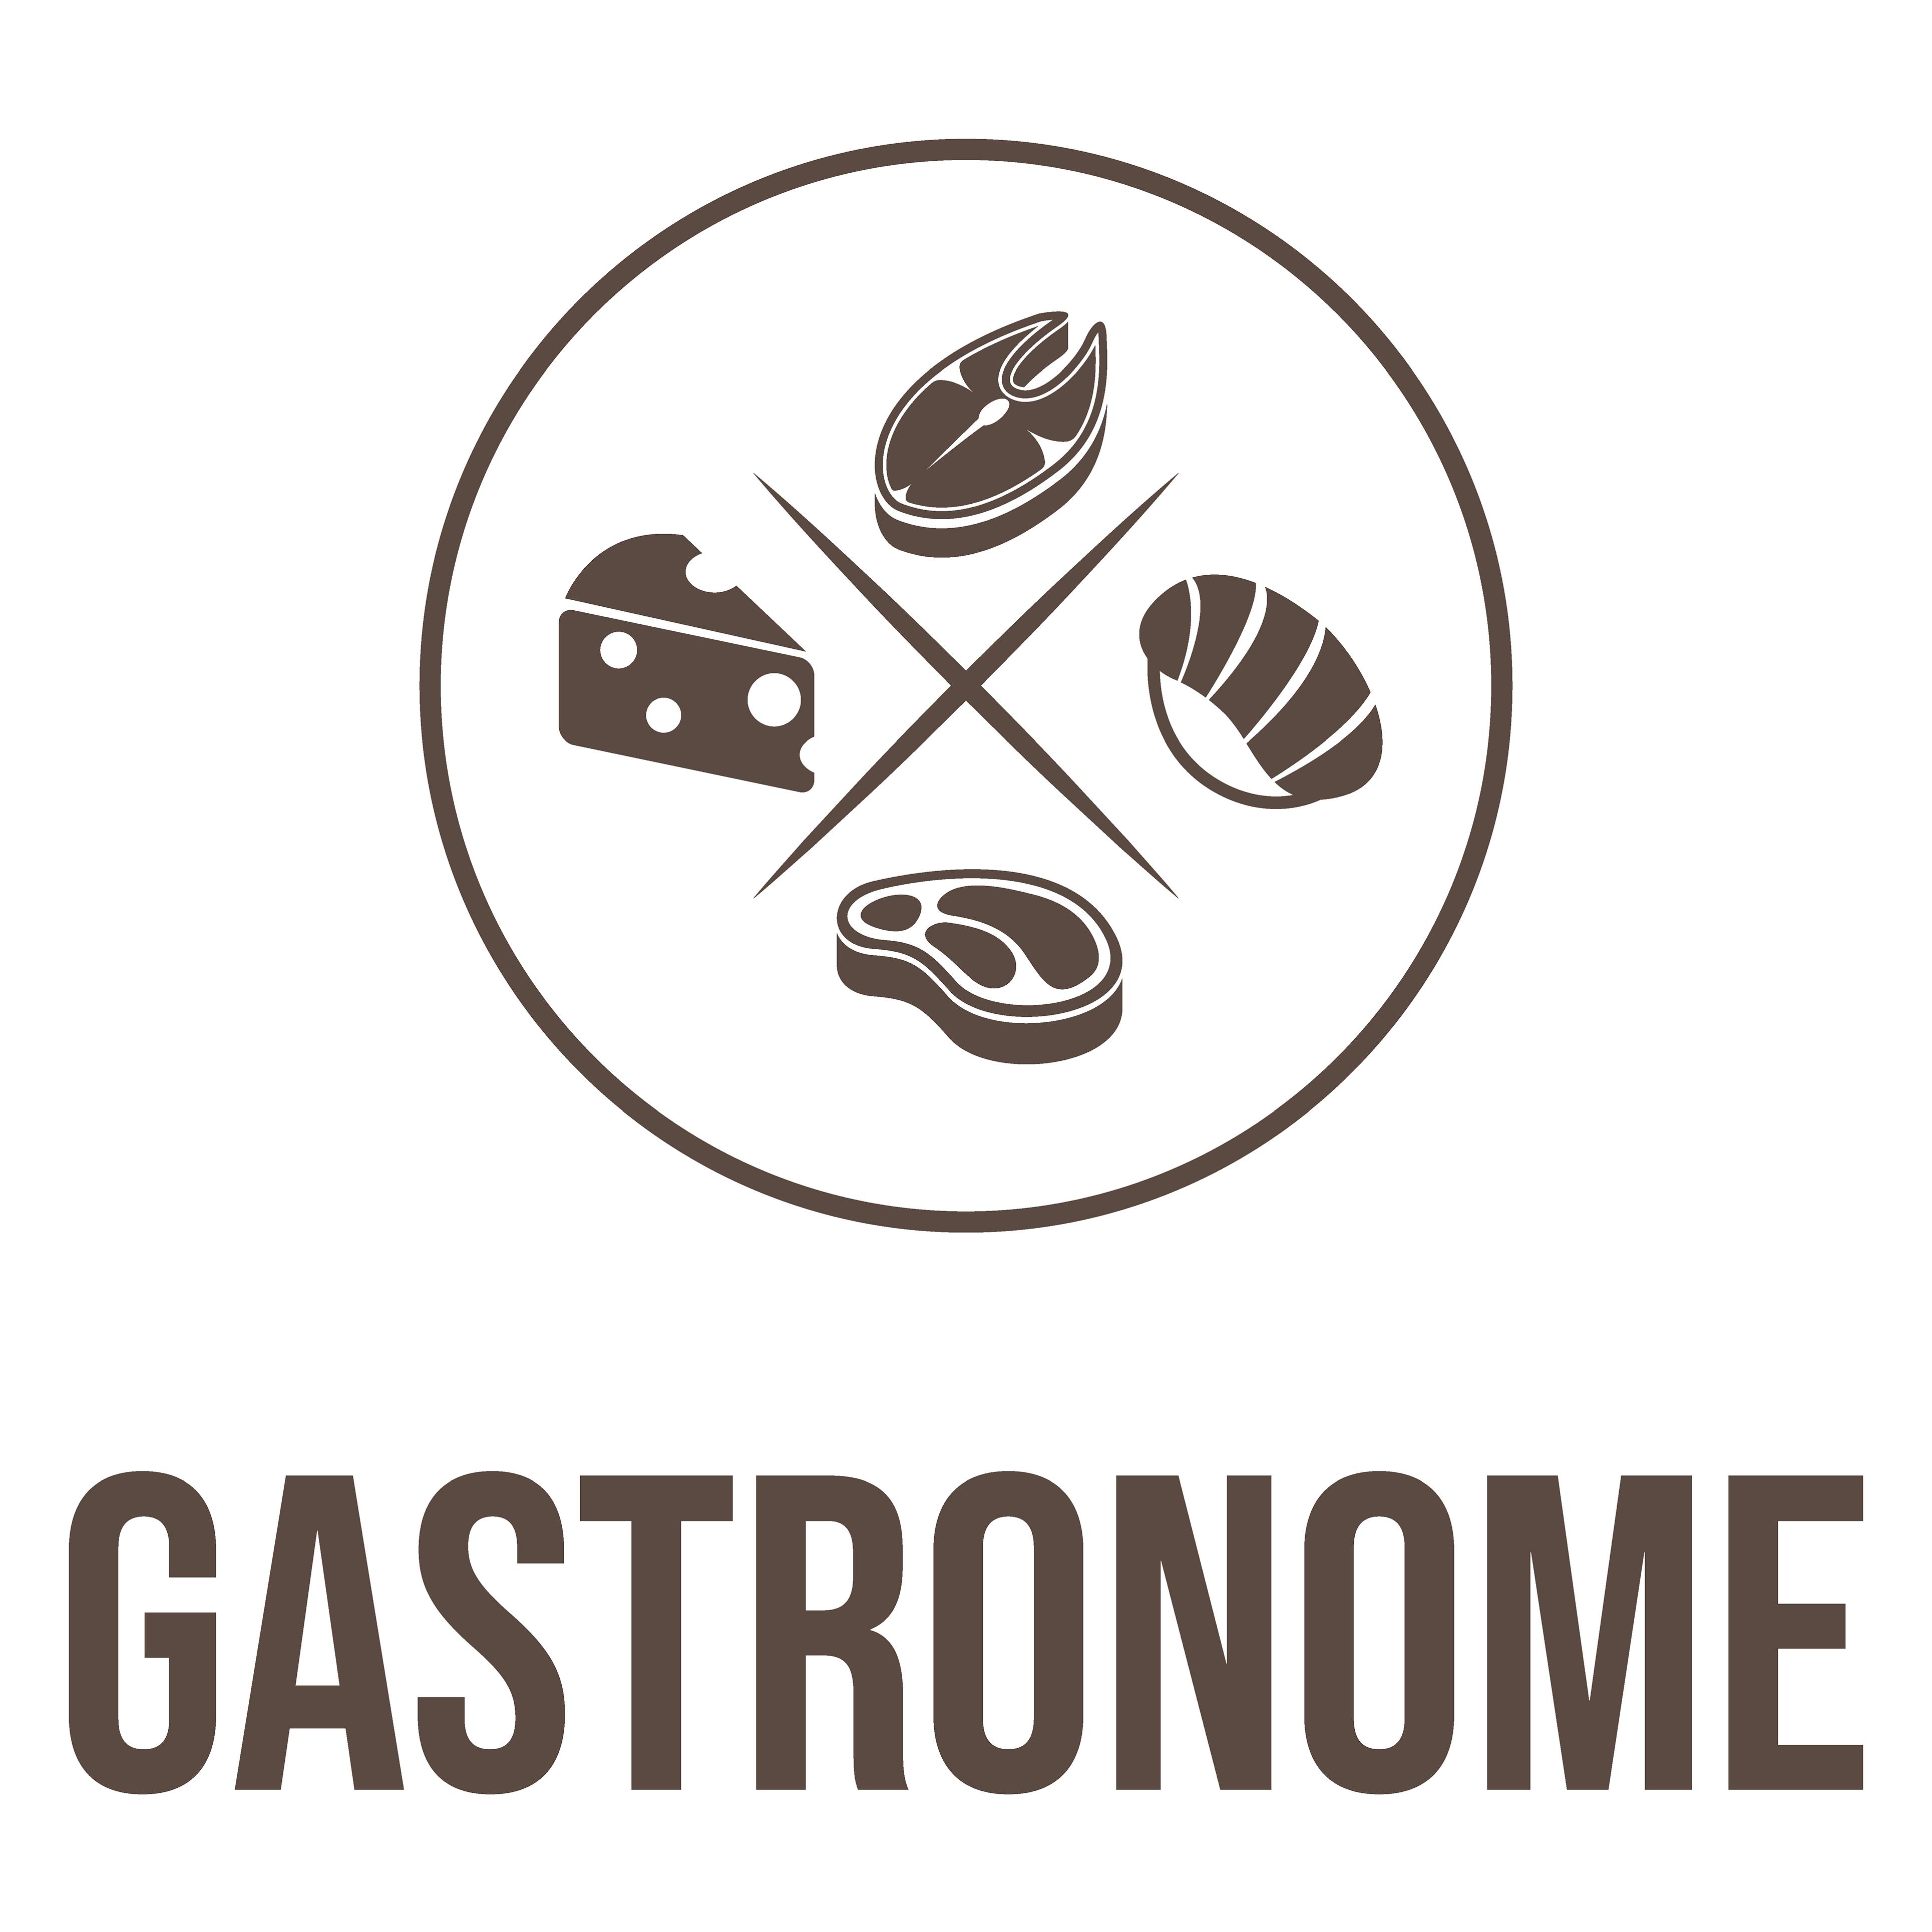 Gastronome